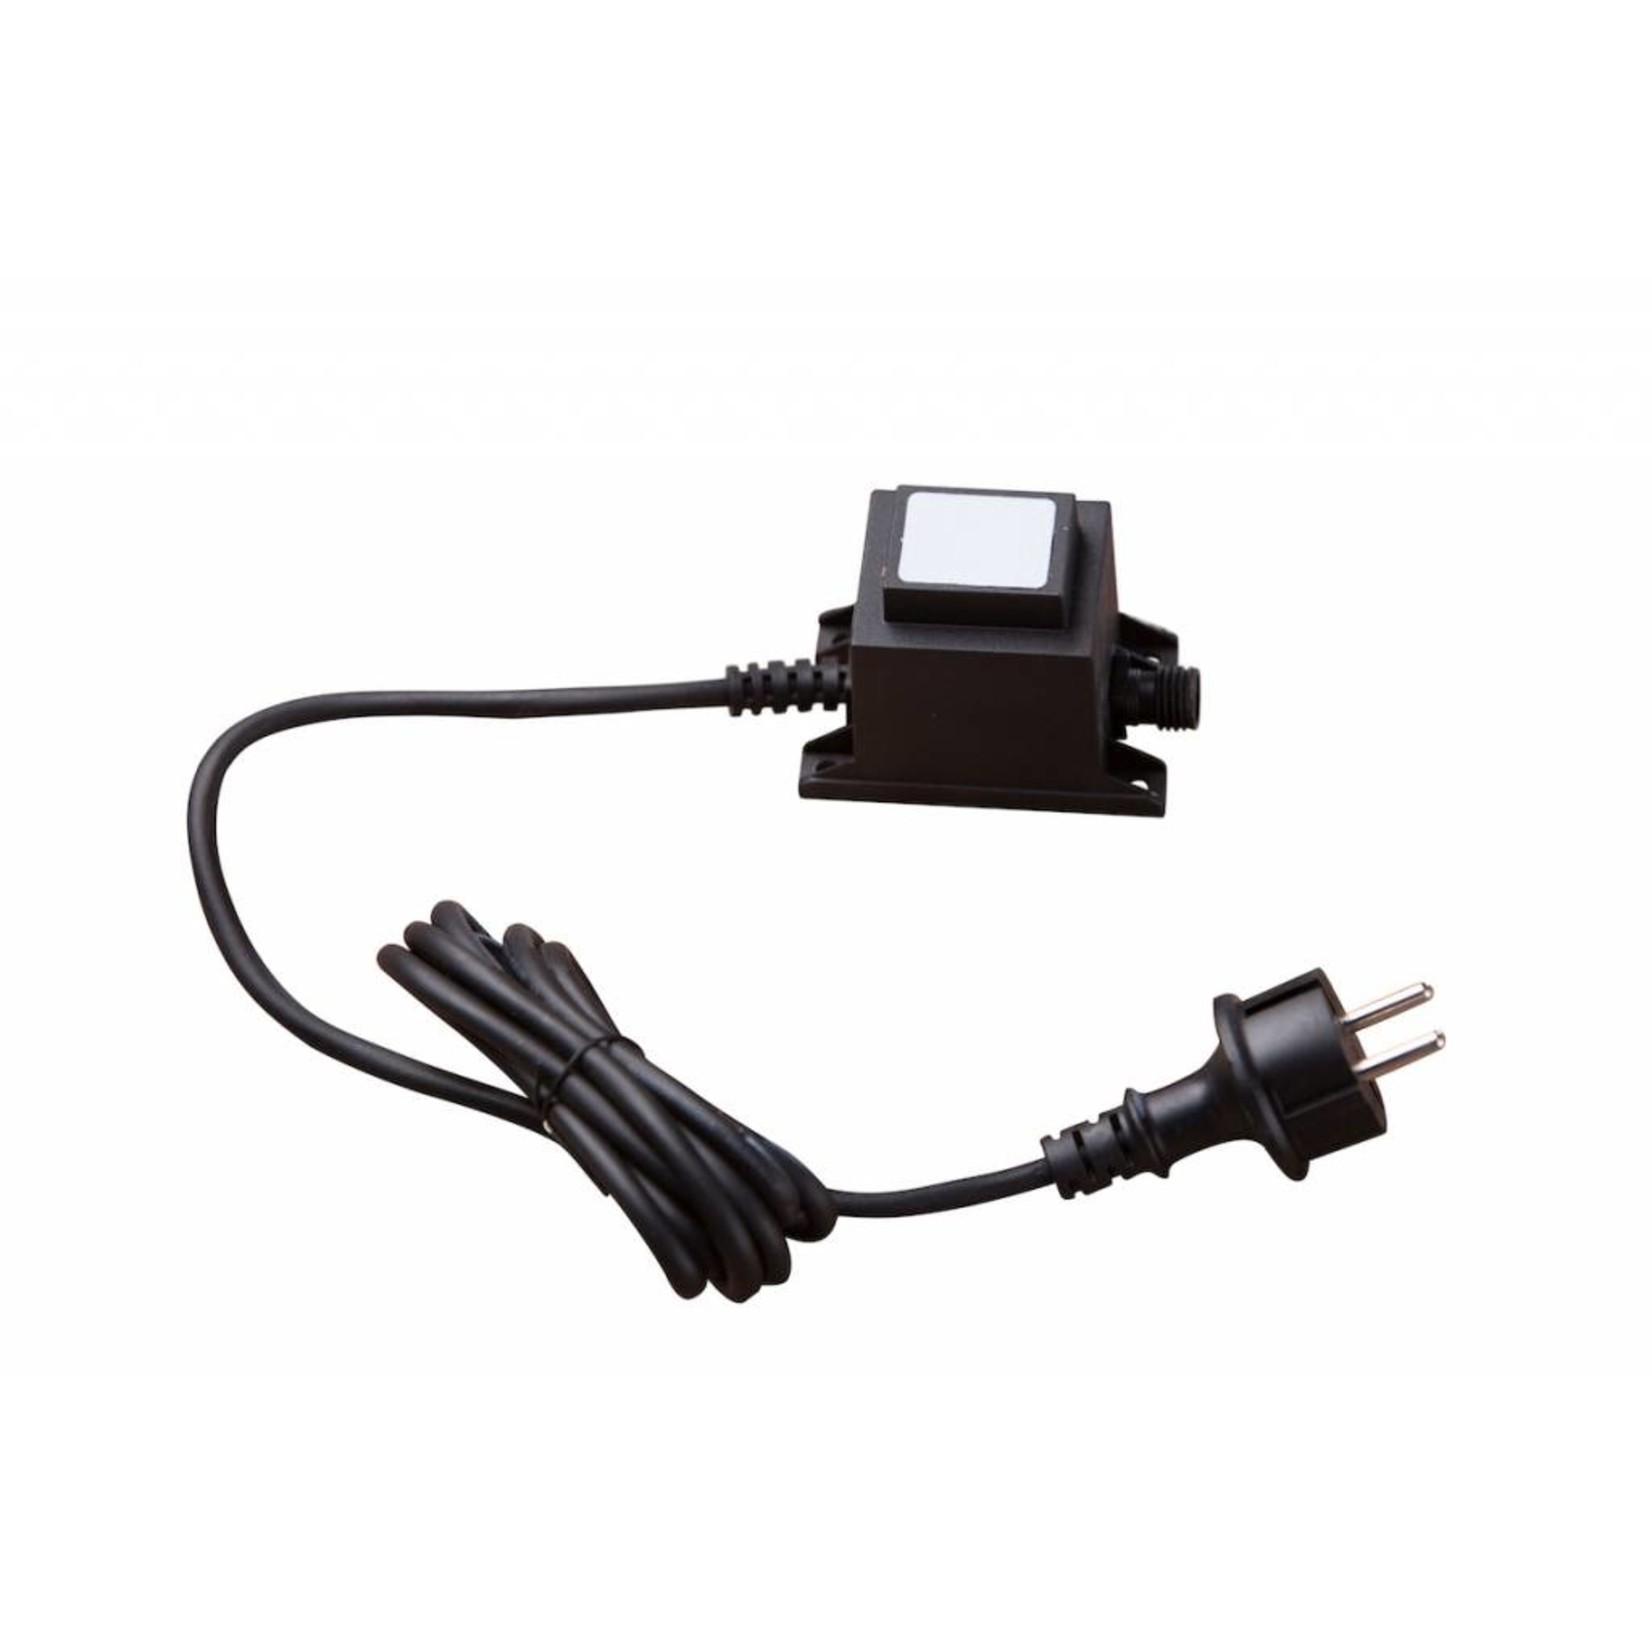 Heissner Smart Light Transformer 12V-16W